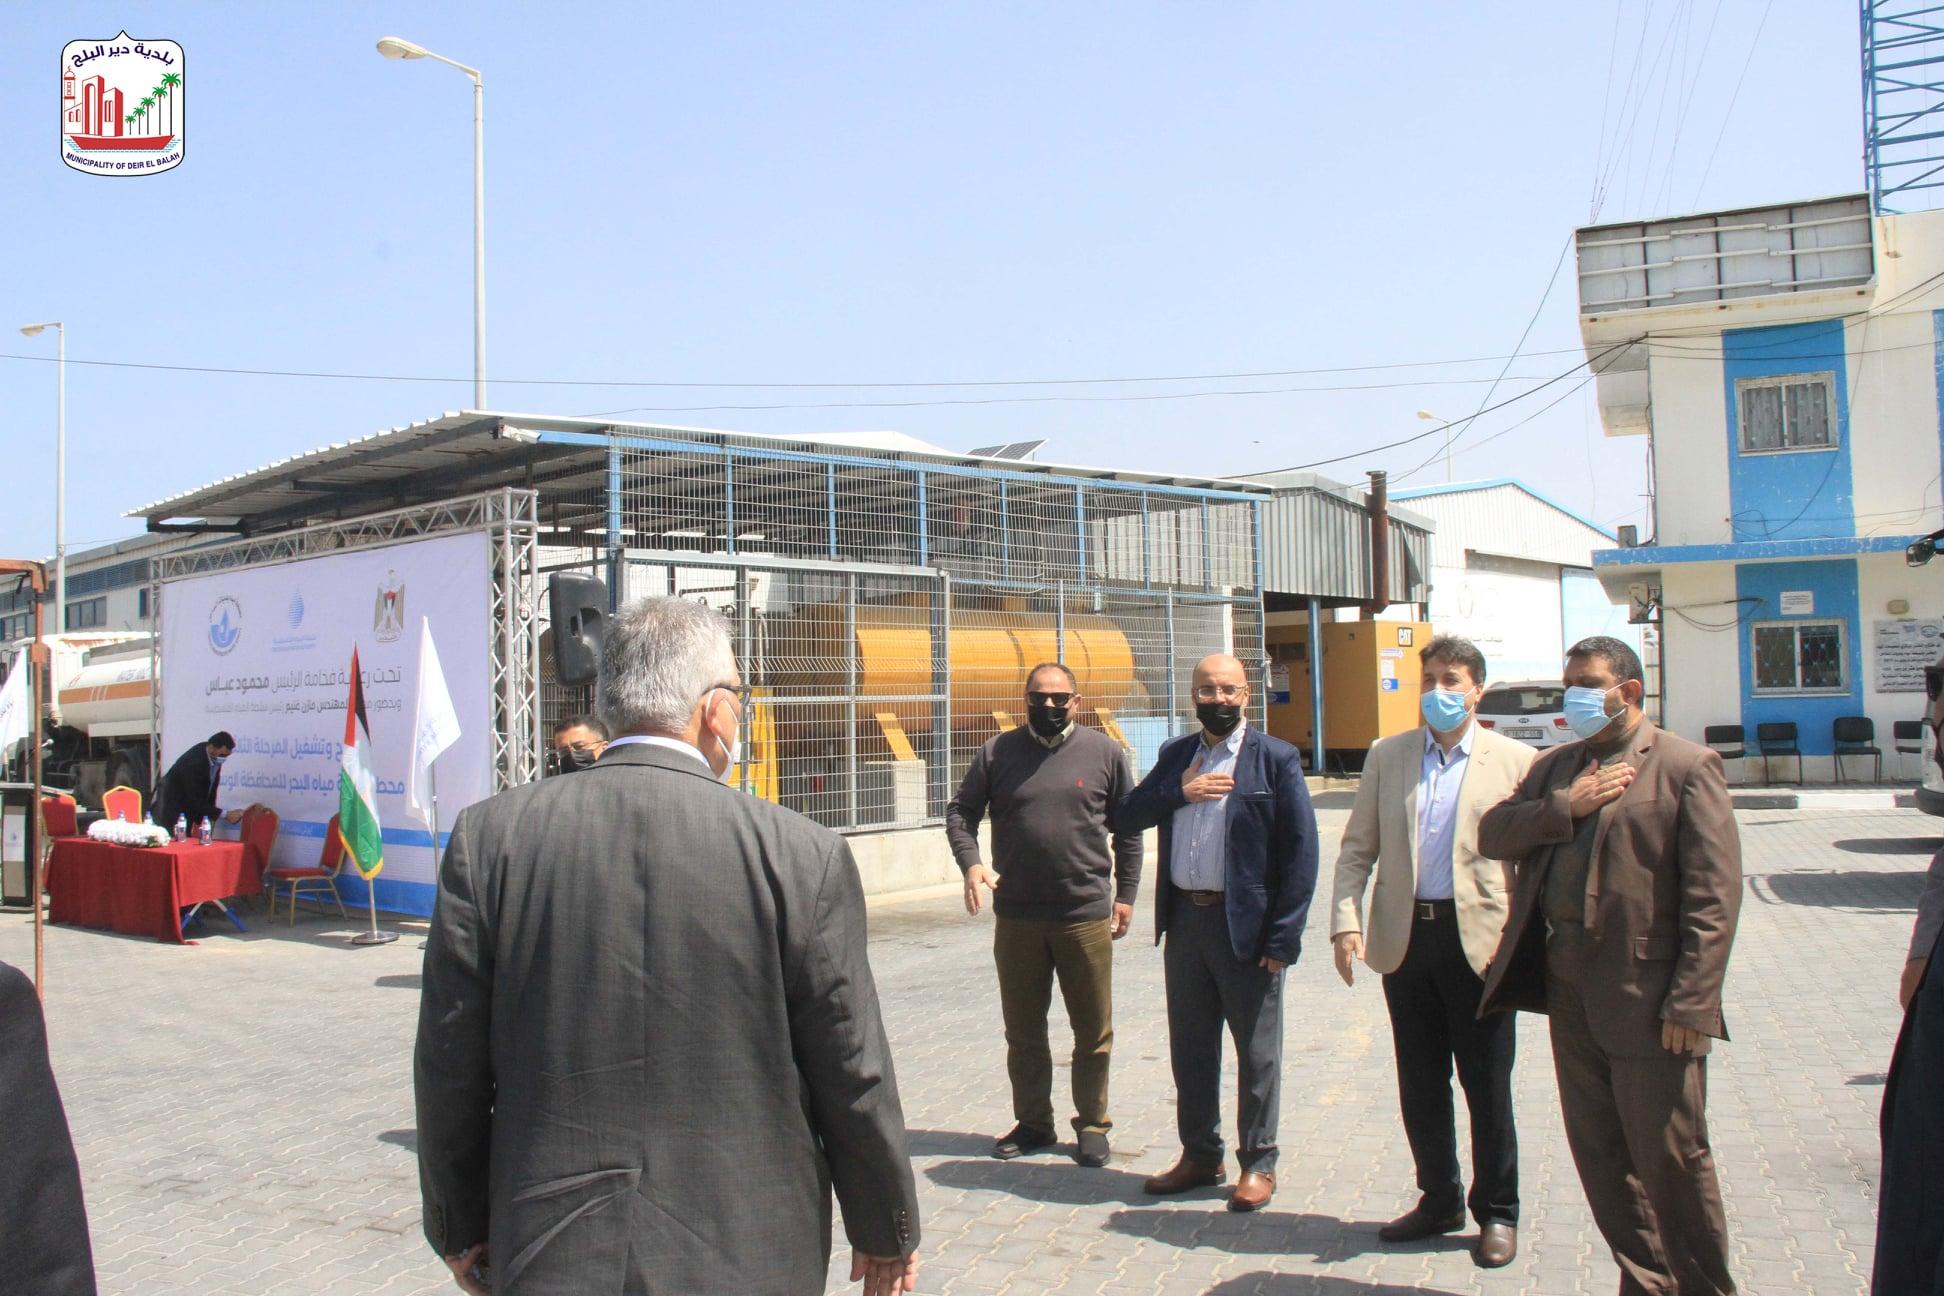 رئيس بلدية دير البلح د دياب الجرو يستقبل الوزير م مازن غنيم